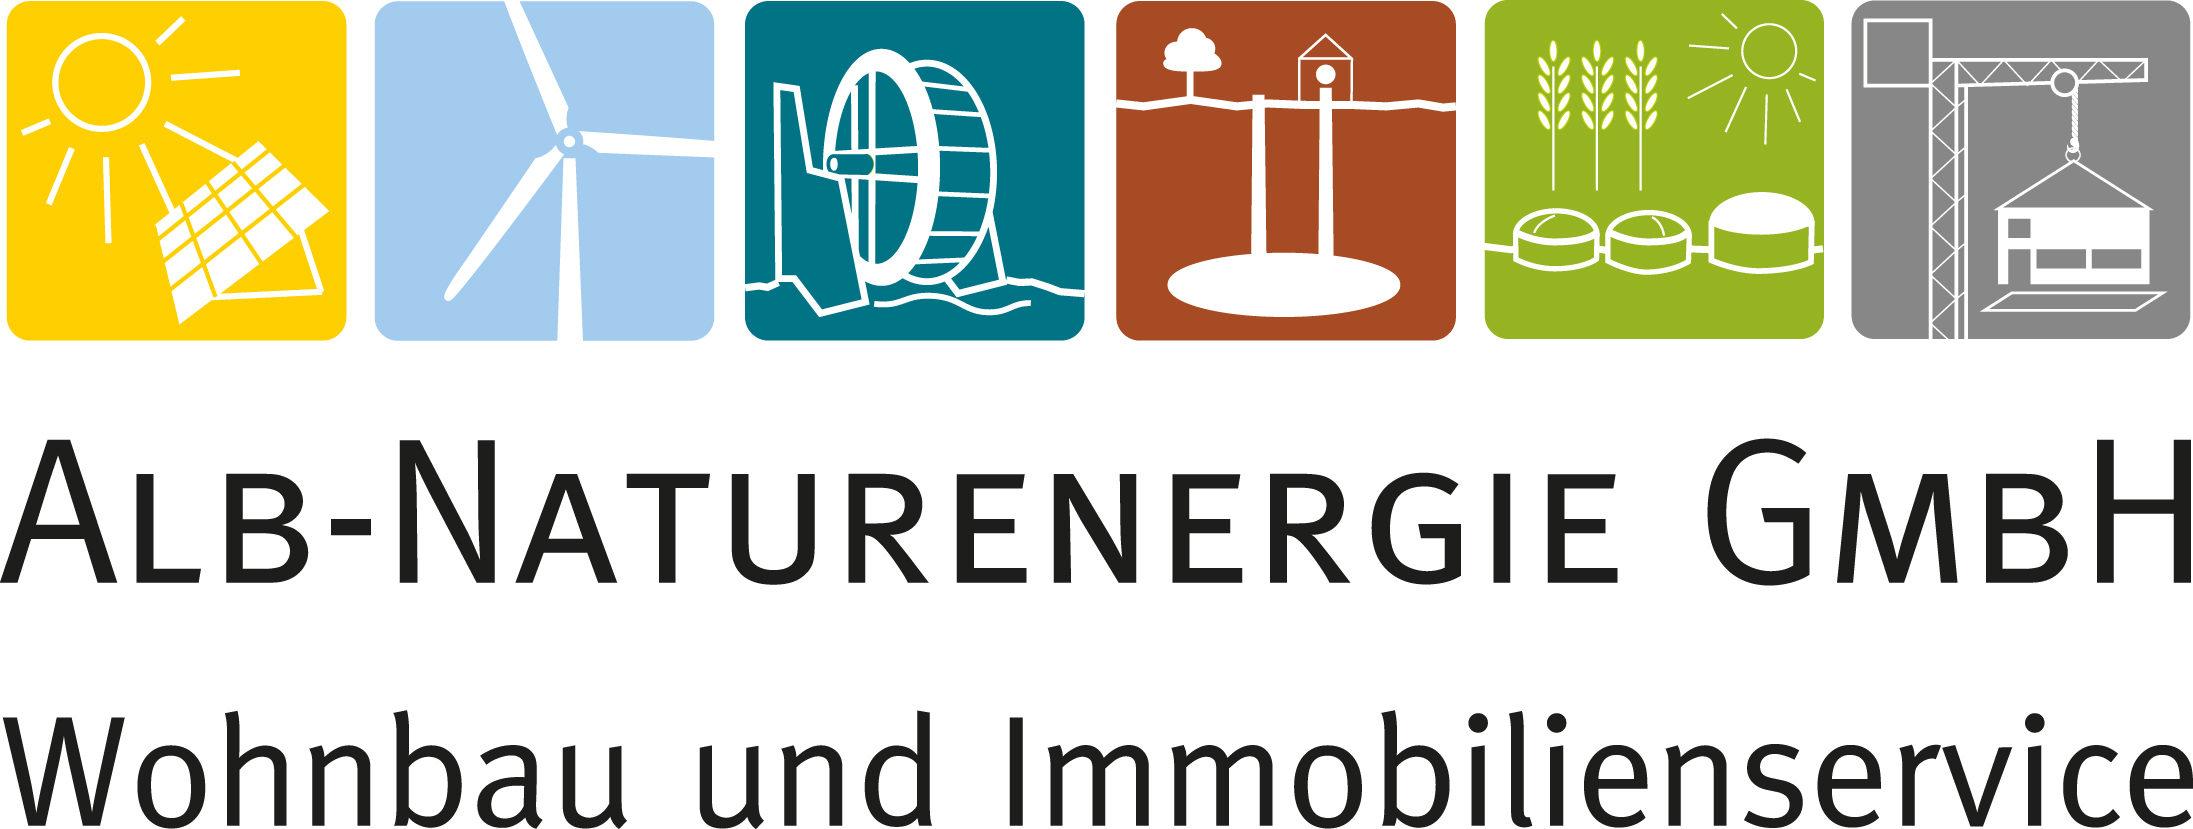 Alb-Naturenergie GmbH